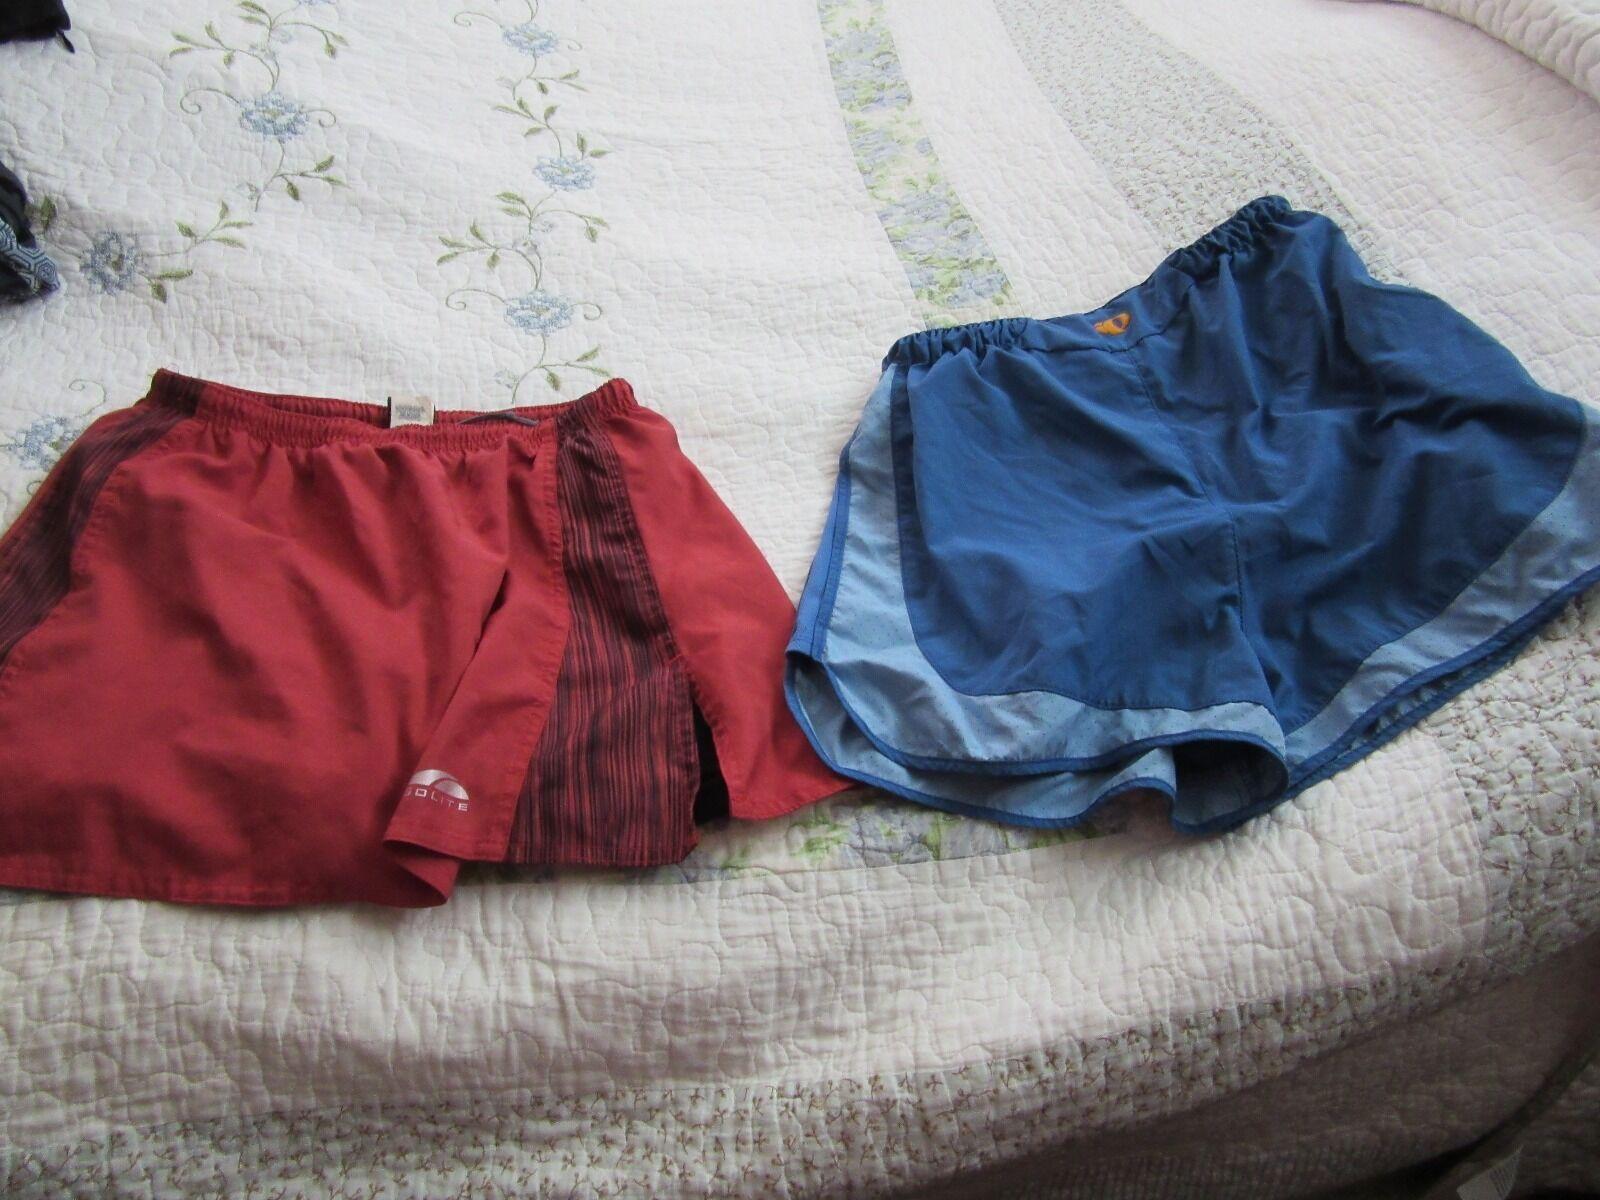 1 pair women's sport skirt W  built in panty 1 shorts sz S Golite & Pearl Izumi